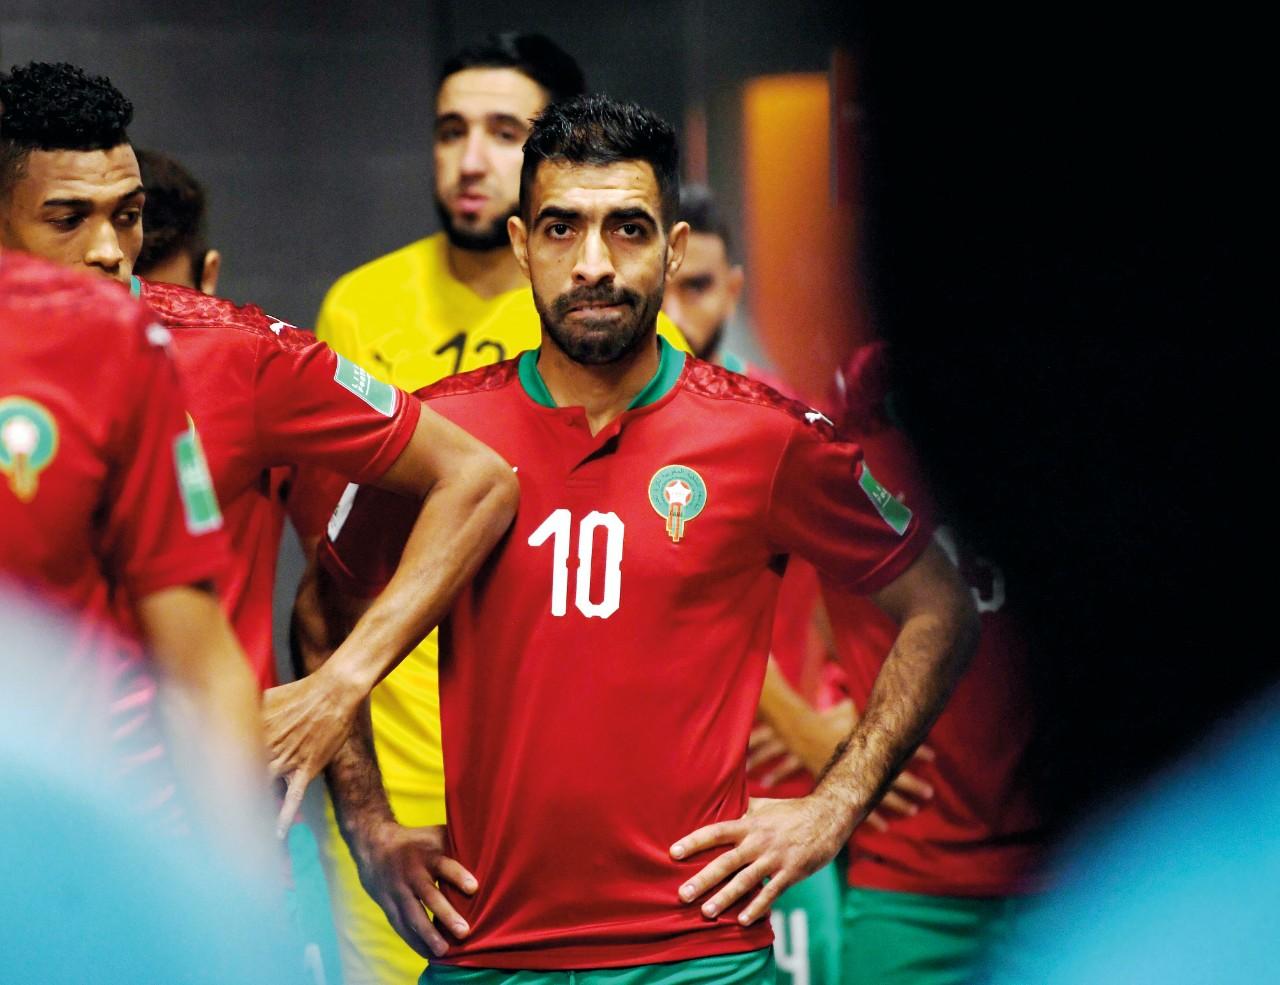 مونديال كرة القدم داخل القاعة ليتوانيا 2021: